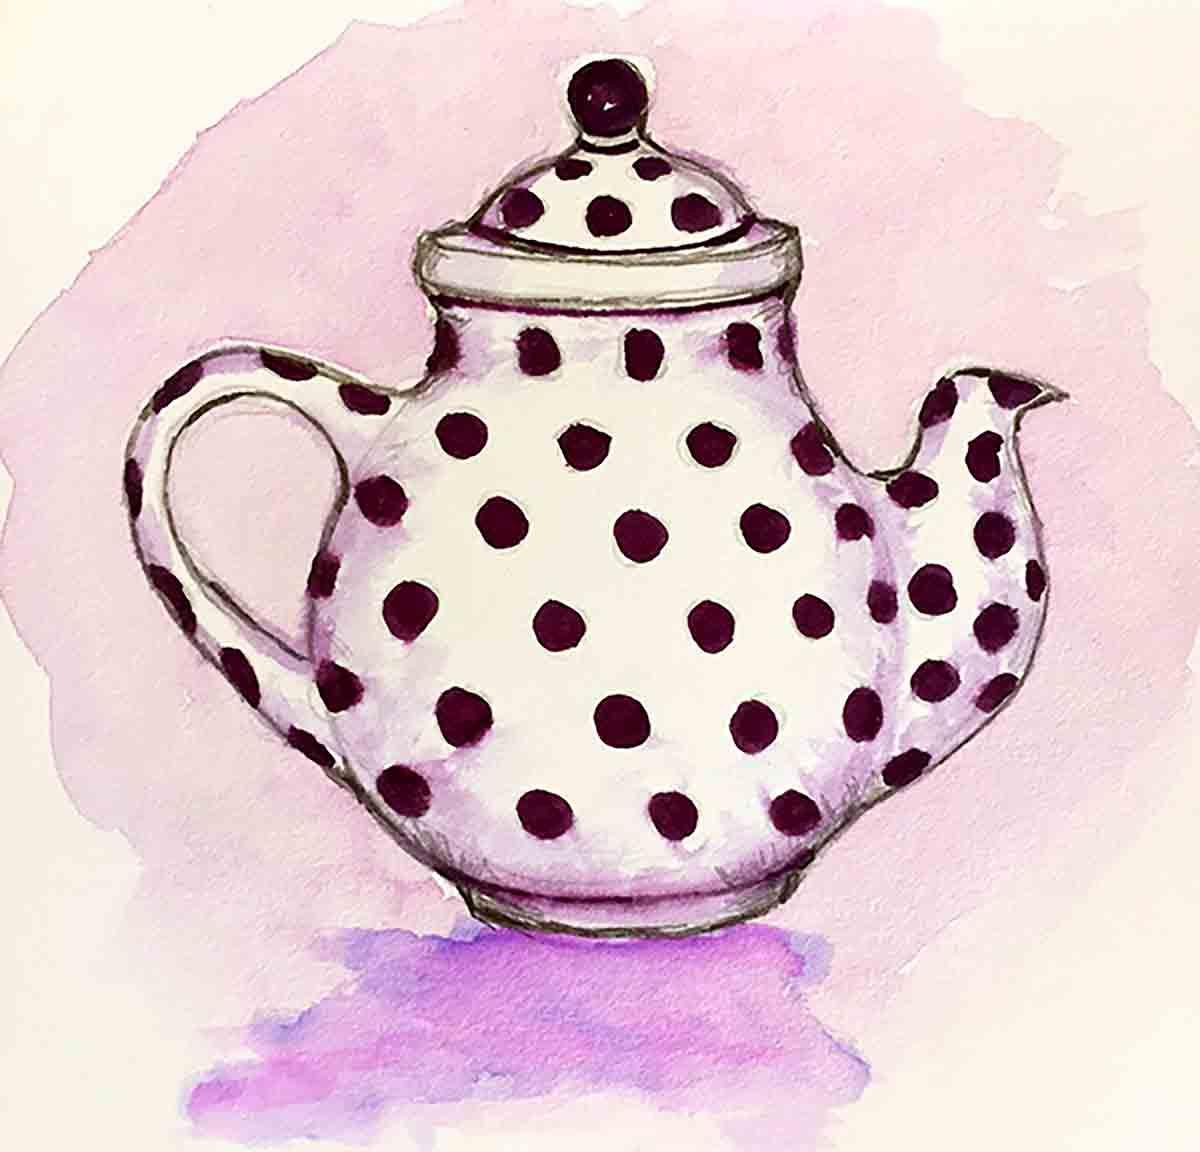 Earl Grey Tea love it or hate it